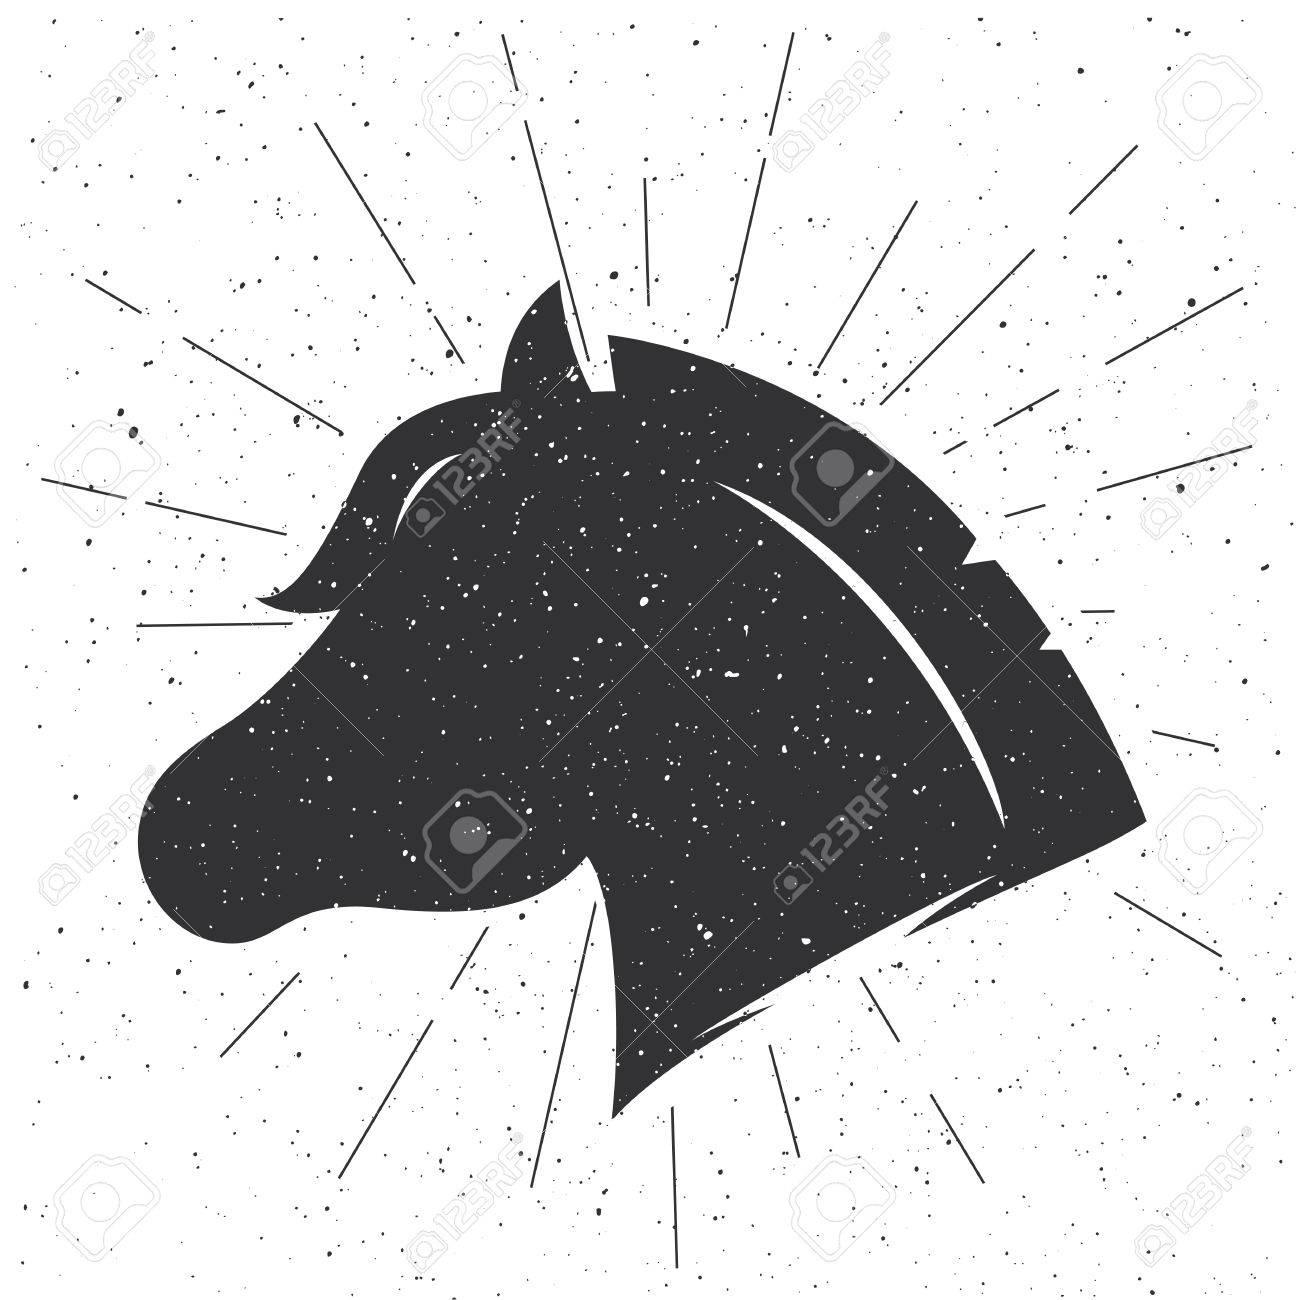 pferdekopf-silhouette im retro-stil. vektor-zeichen auf weißem